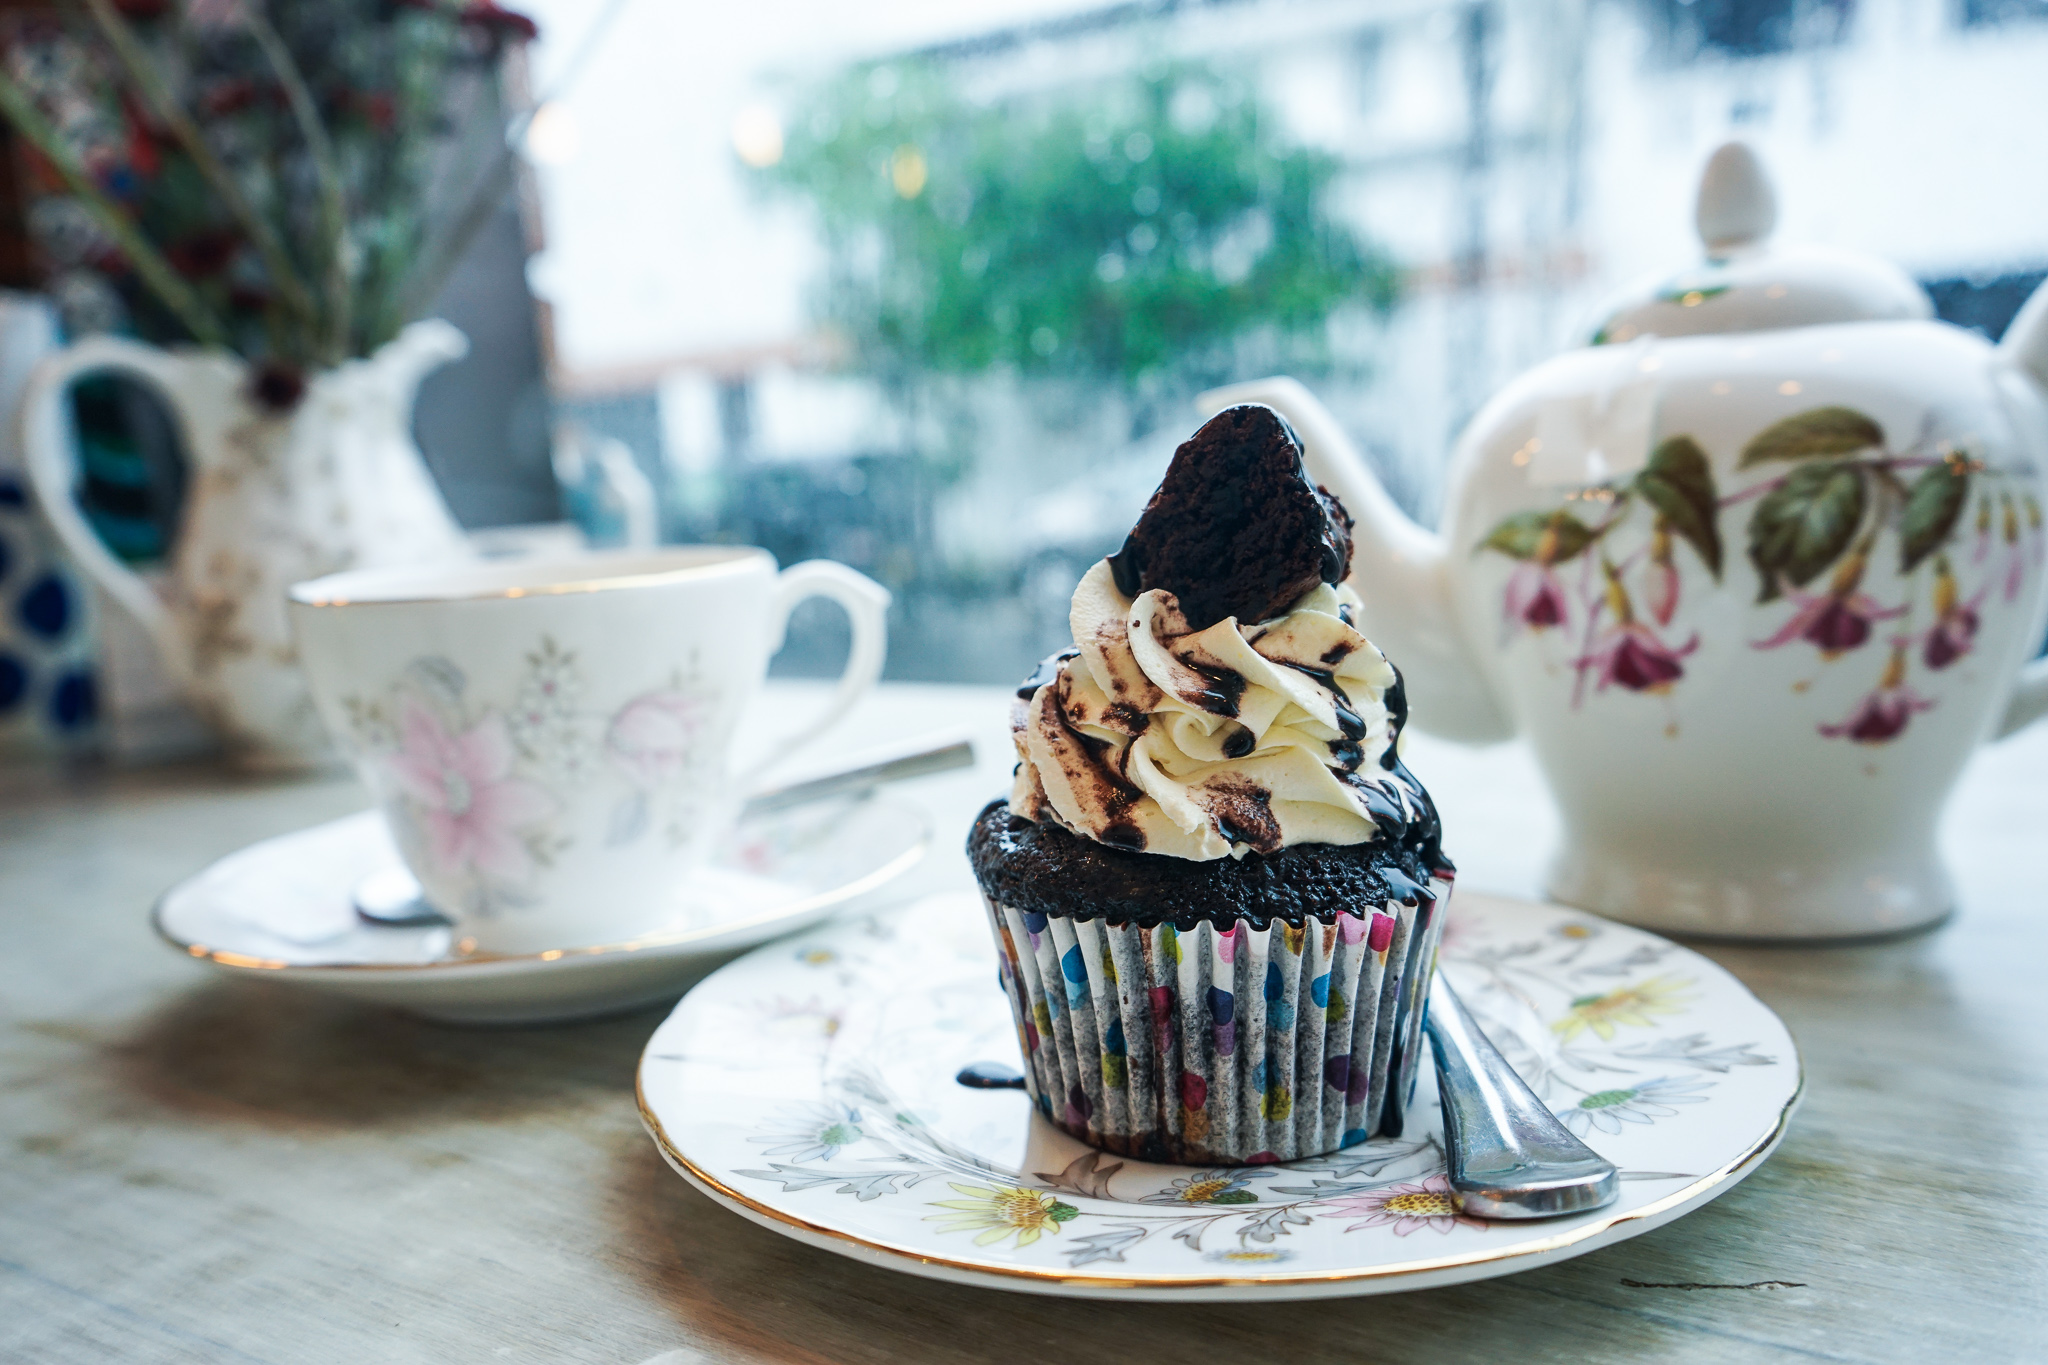 Cupcake at Bakes by Bella